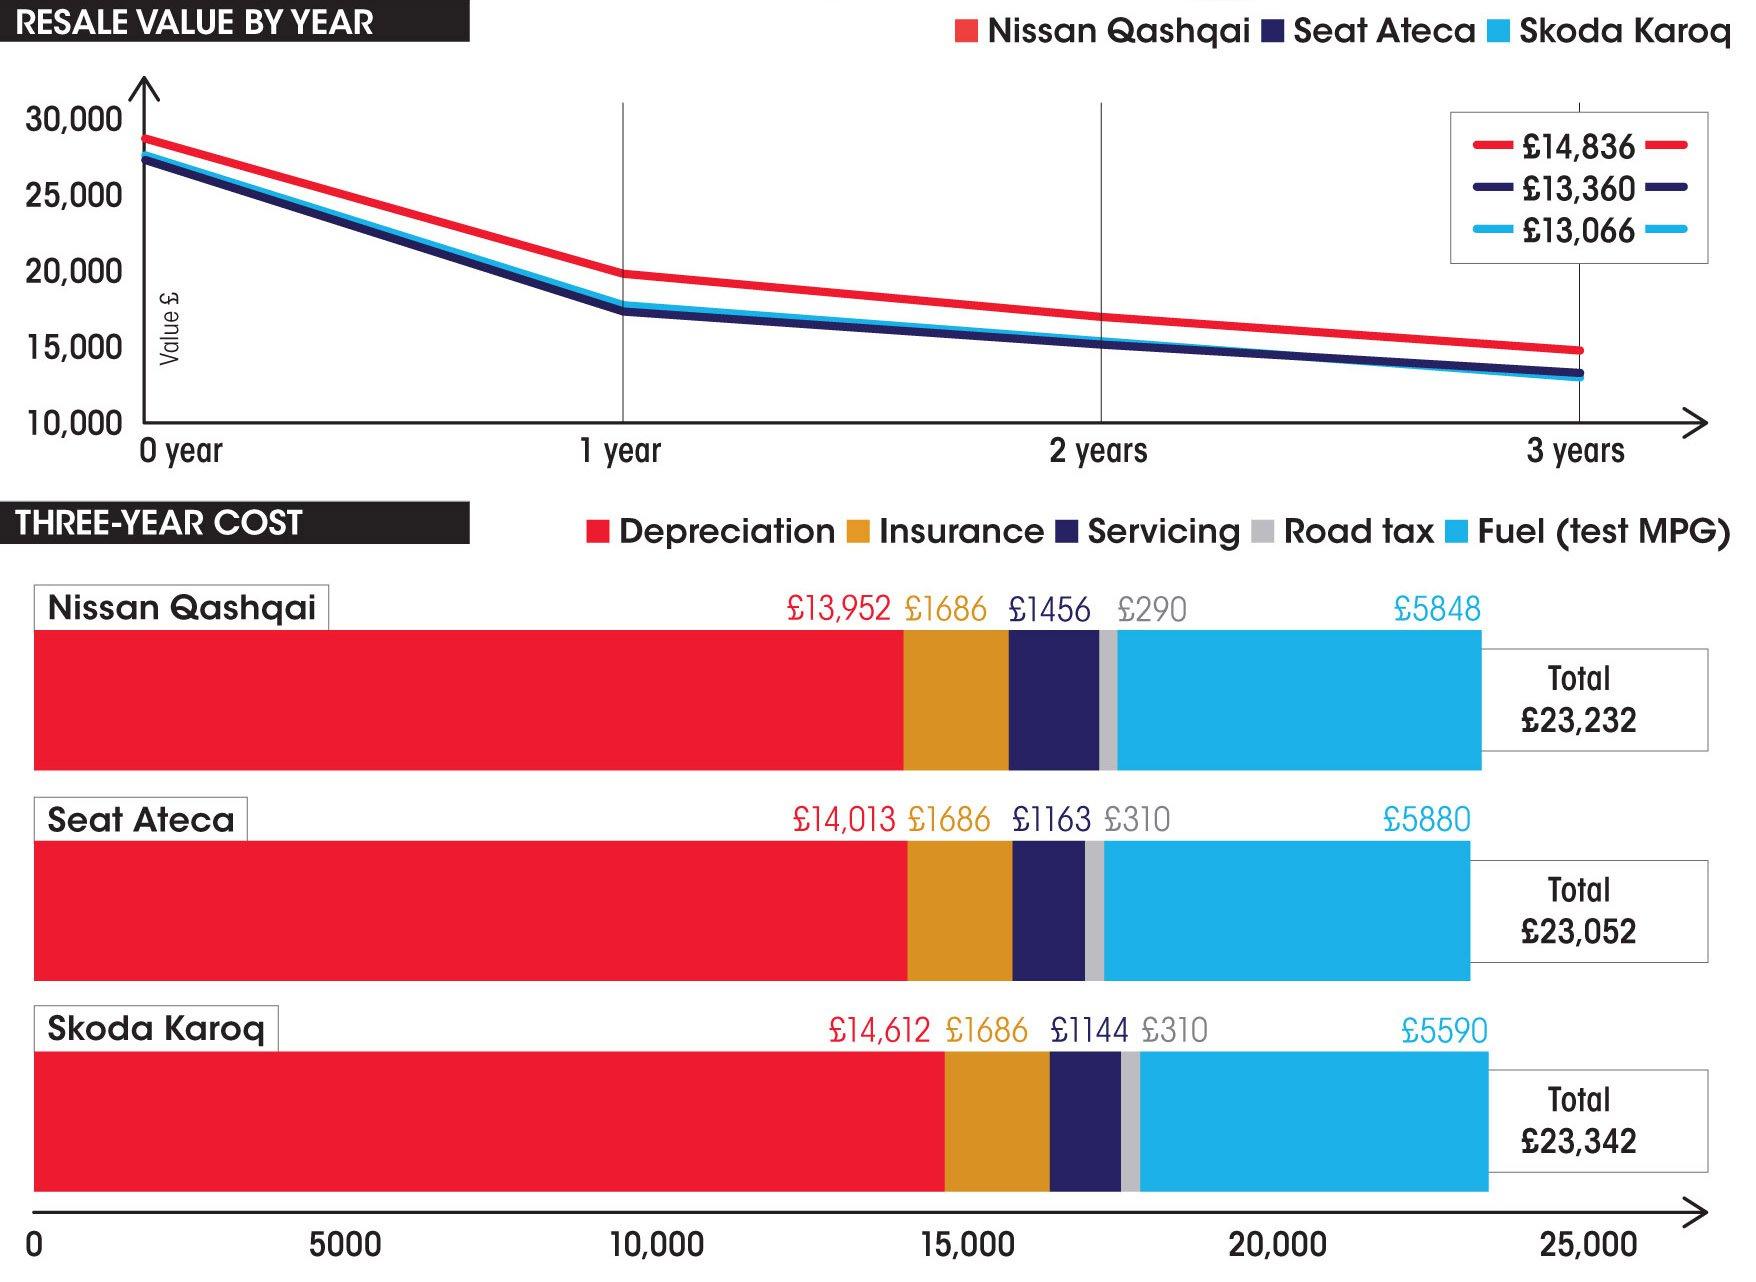 Nissan Qashqai vs Seat Ateca vs Skoda Karoq costs